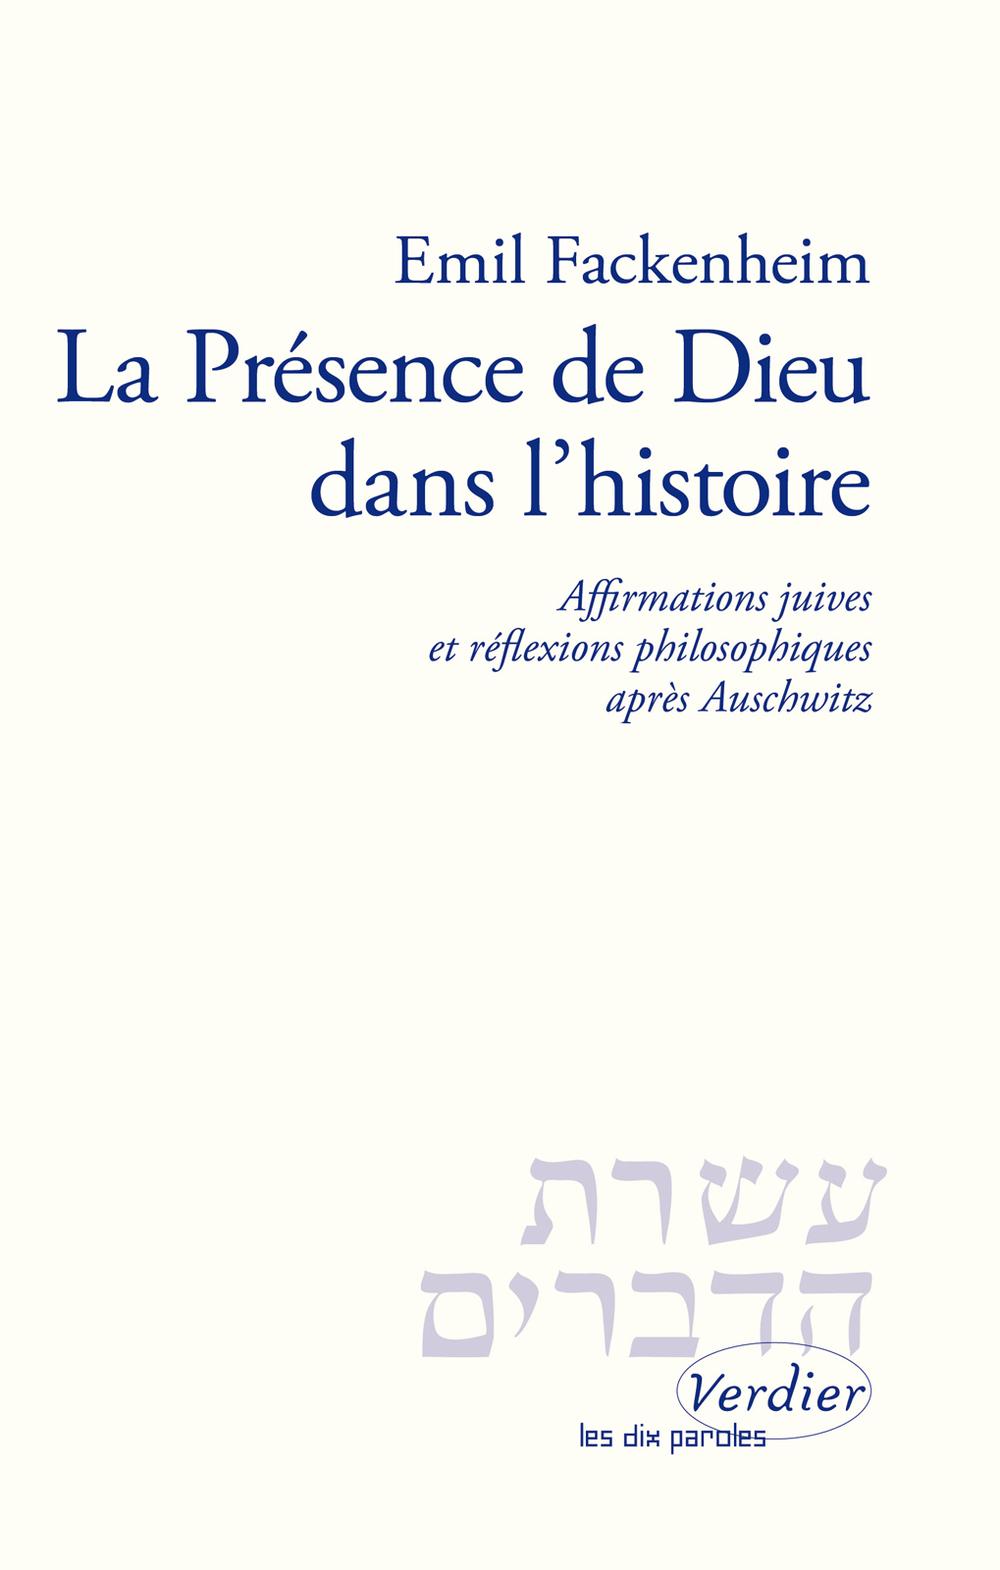 La présence de Dieu dans l'histoire